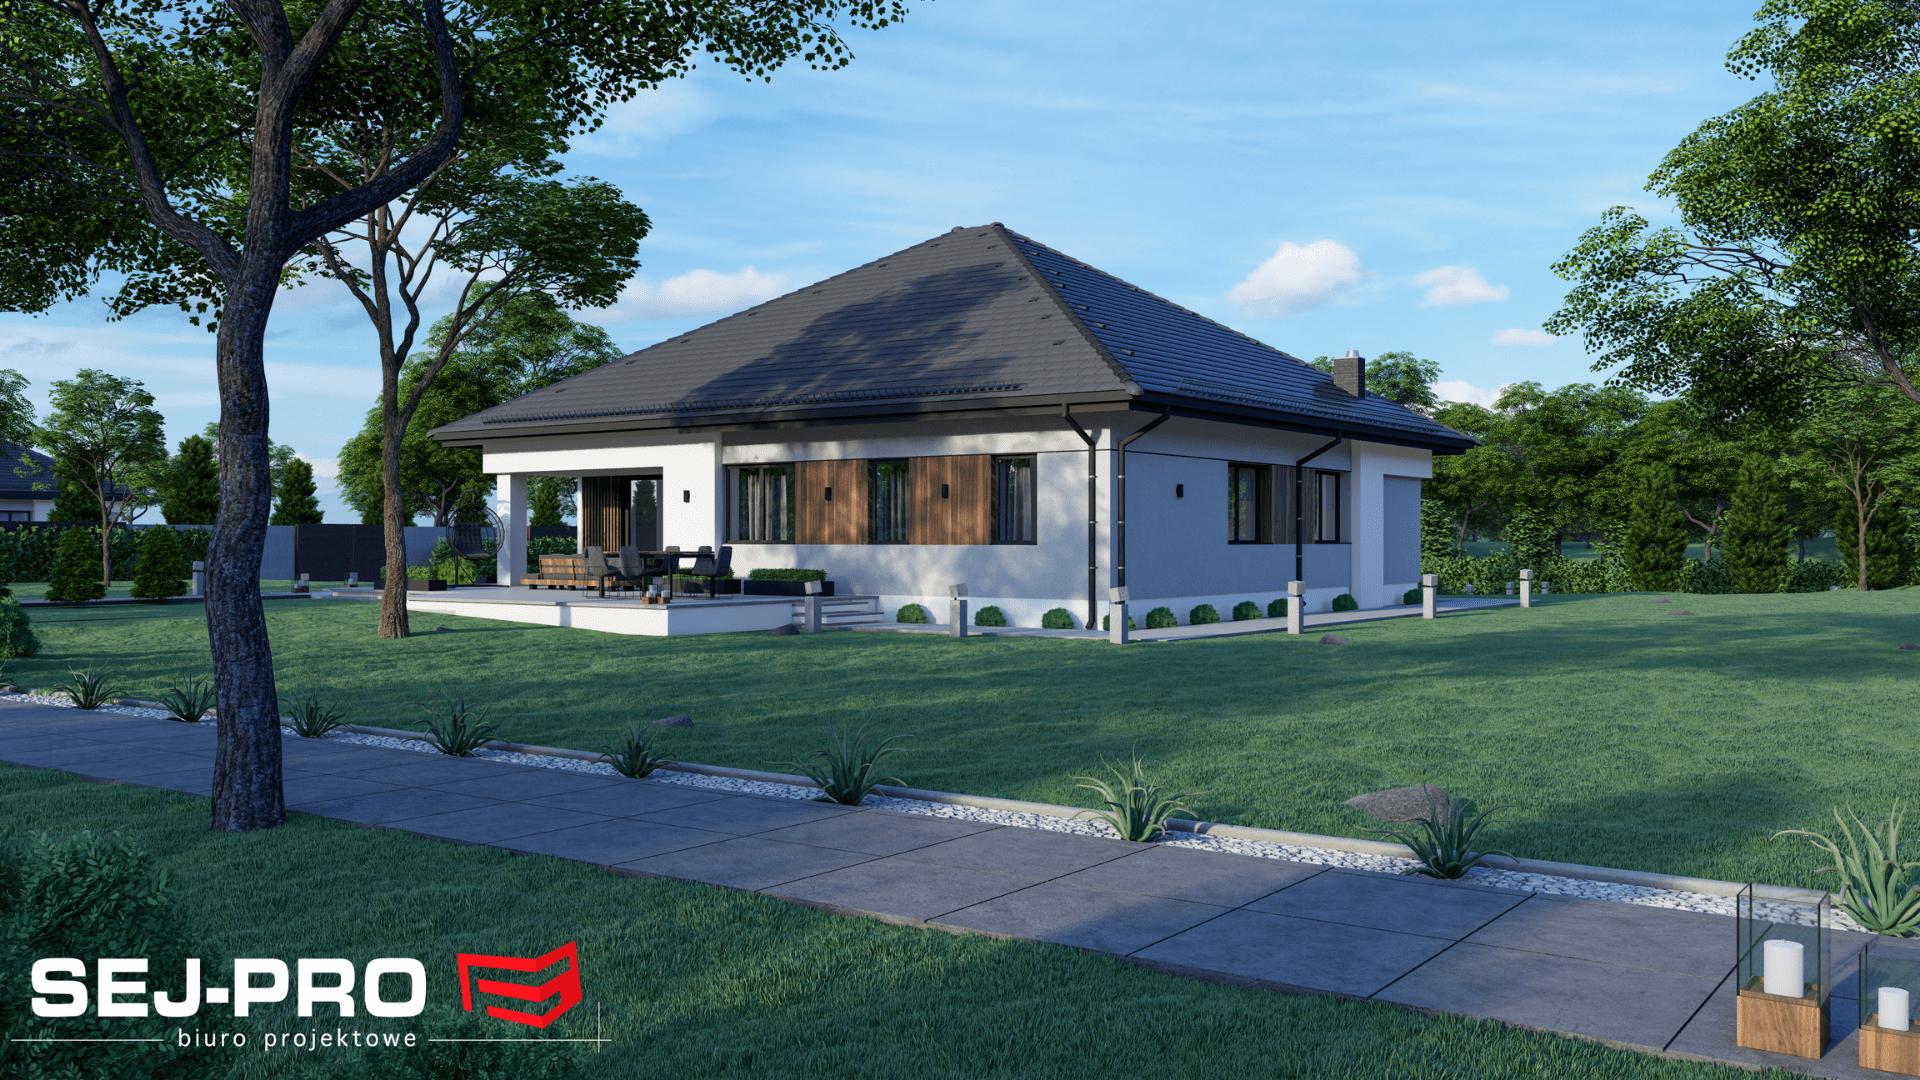 Projekt domu SEJ-PRO 006 ENERGO